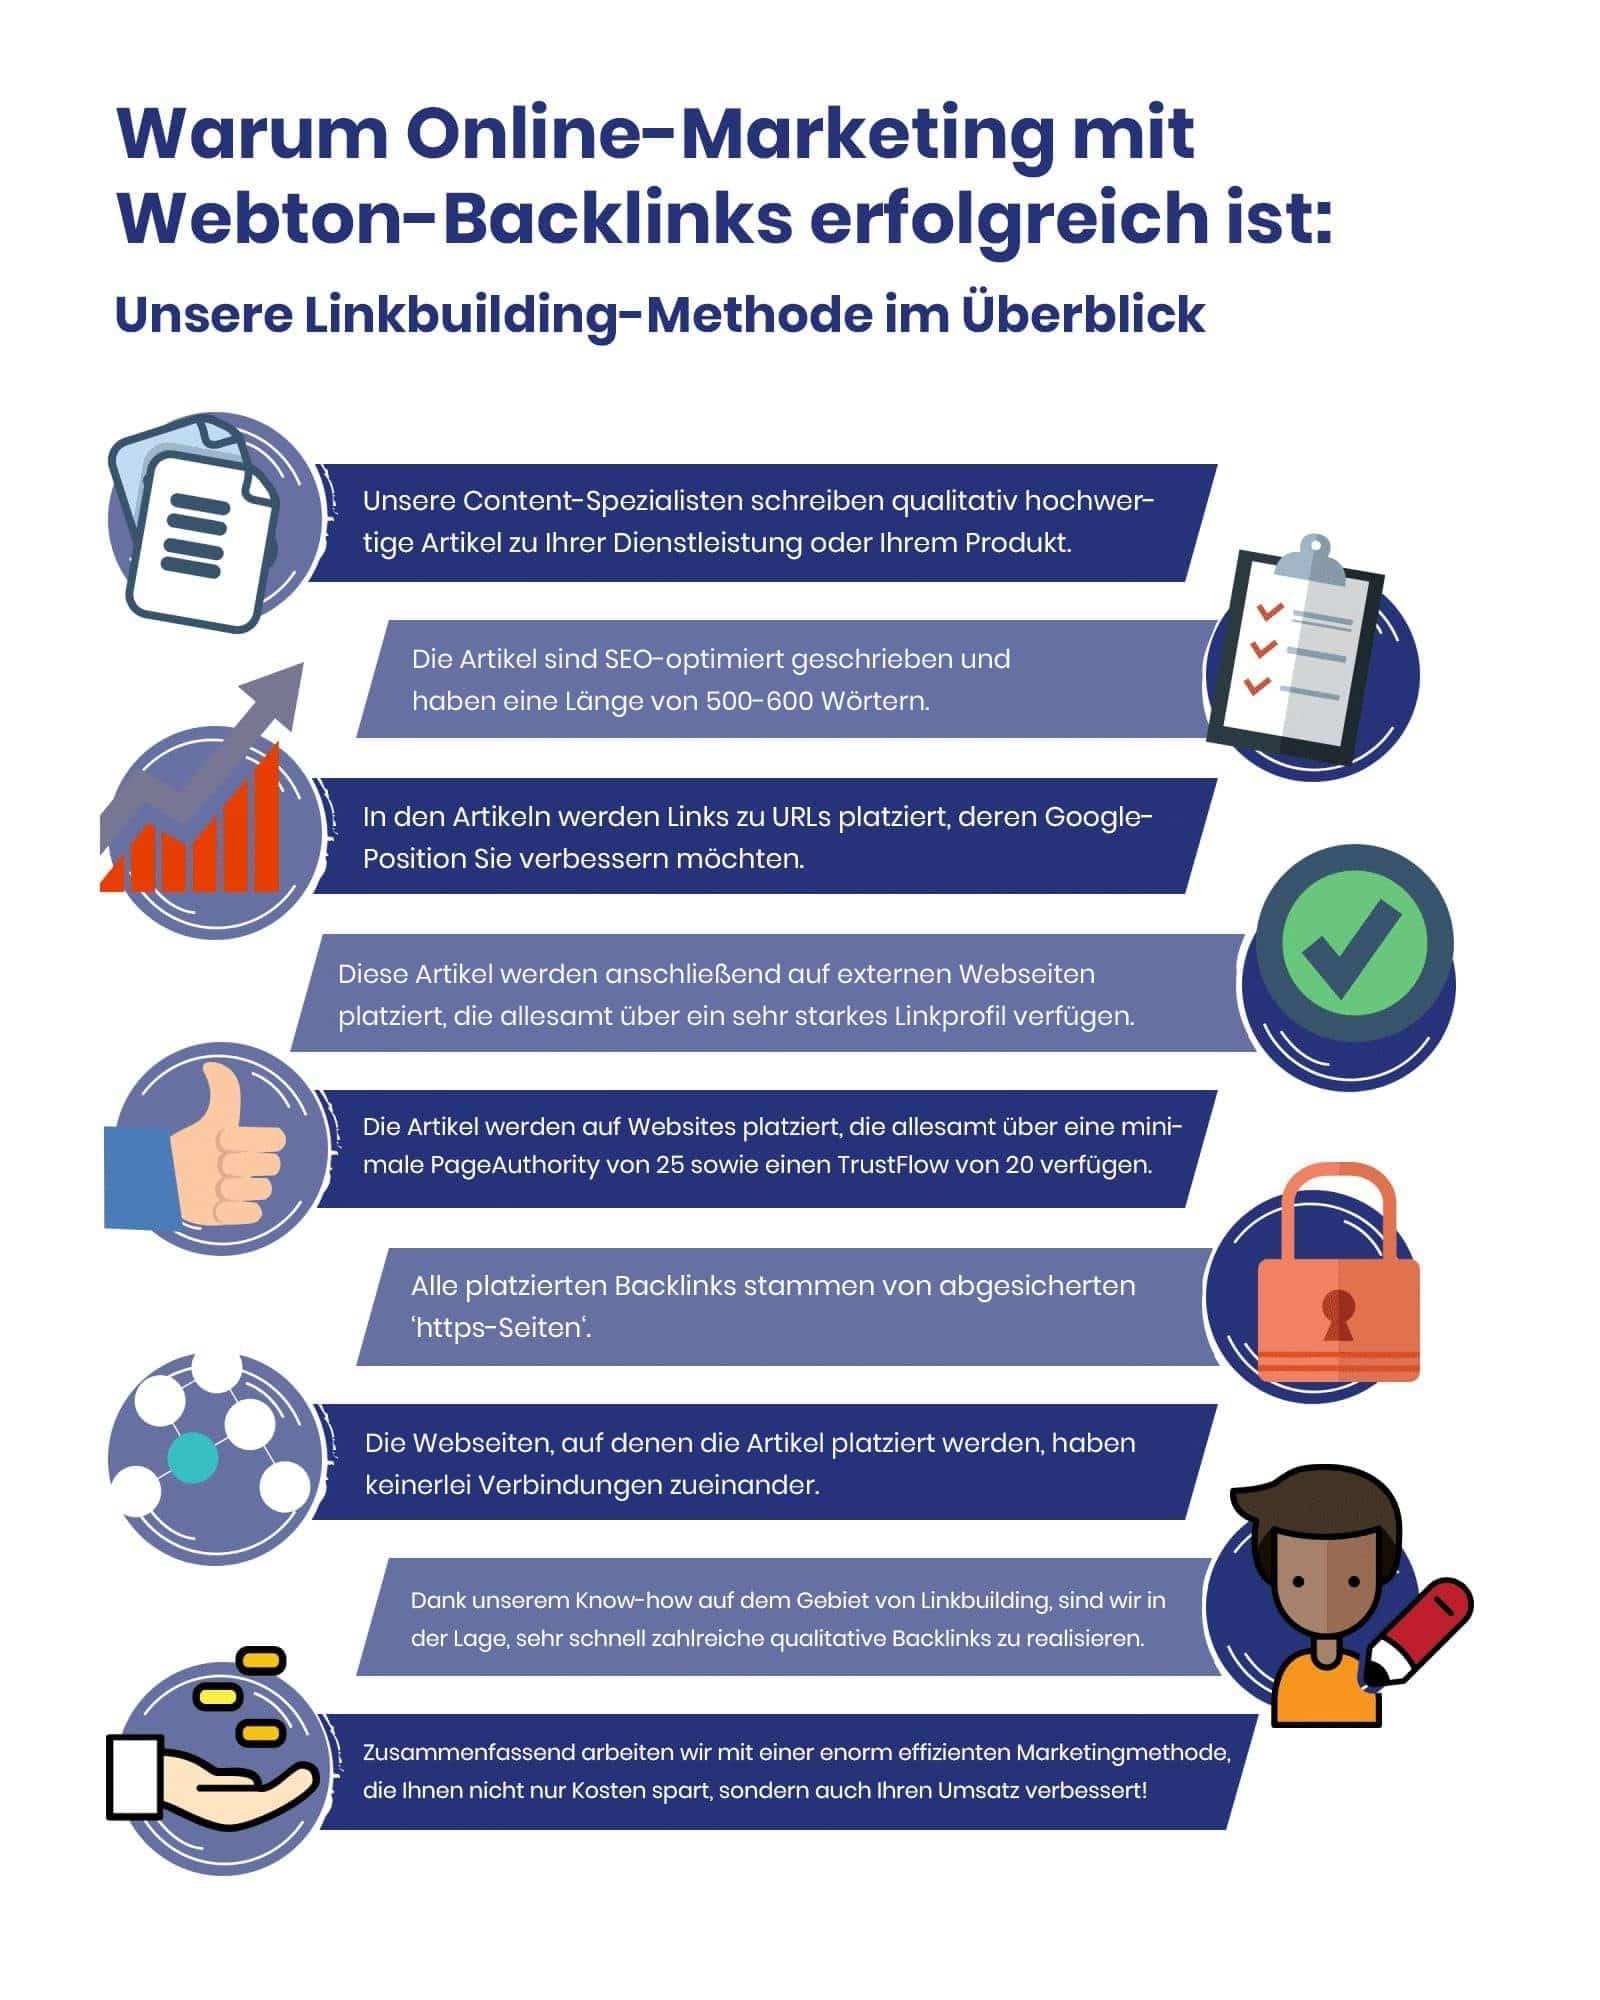 Backlinks generieren mit Webton